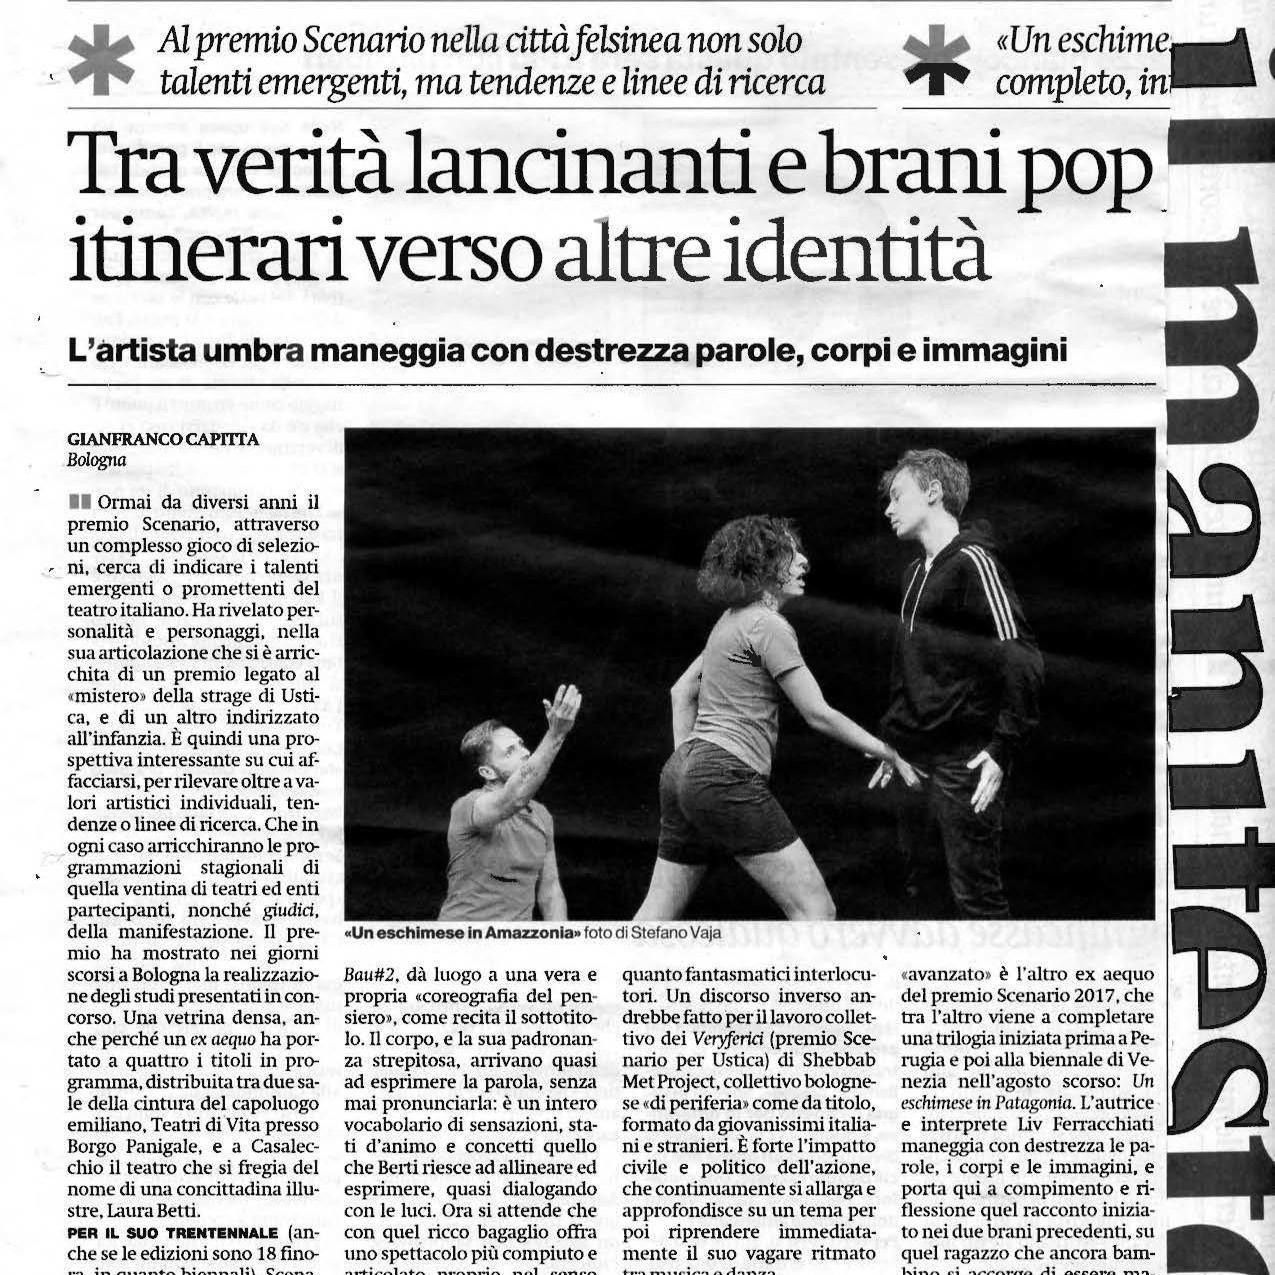 Il Manifesto / recensione e Premio Scenario Bau #2 / Barbara Berti / 2017 / TIR Danza